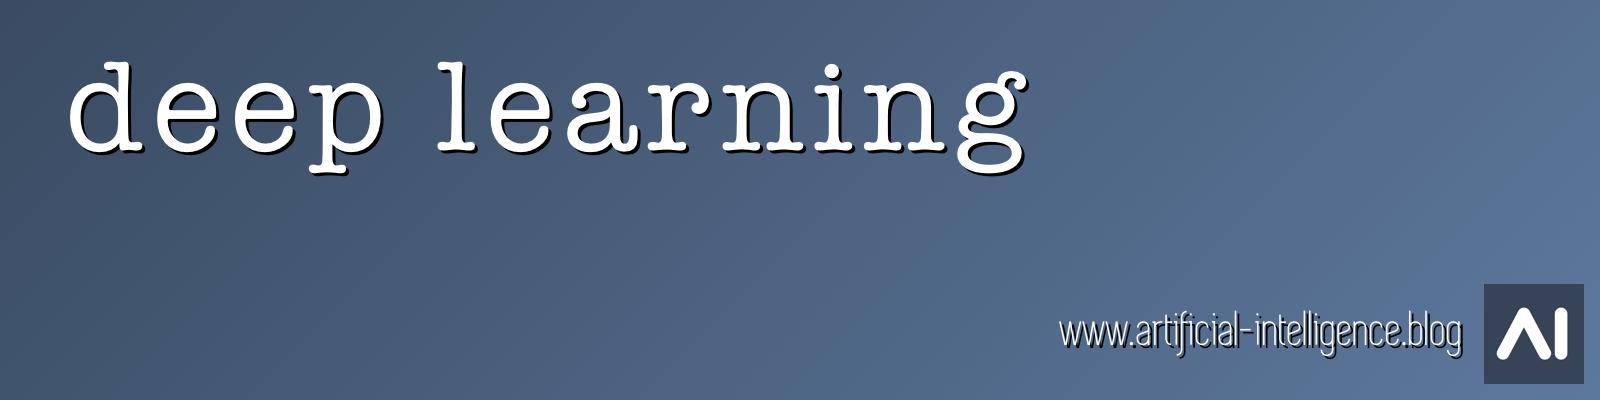 deep-learning.jpg